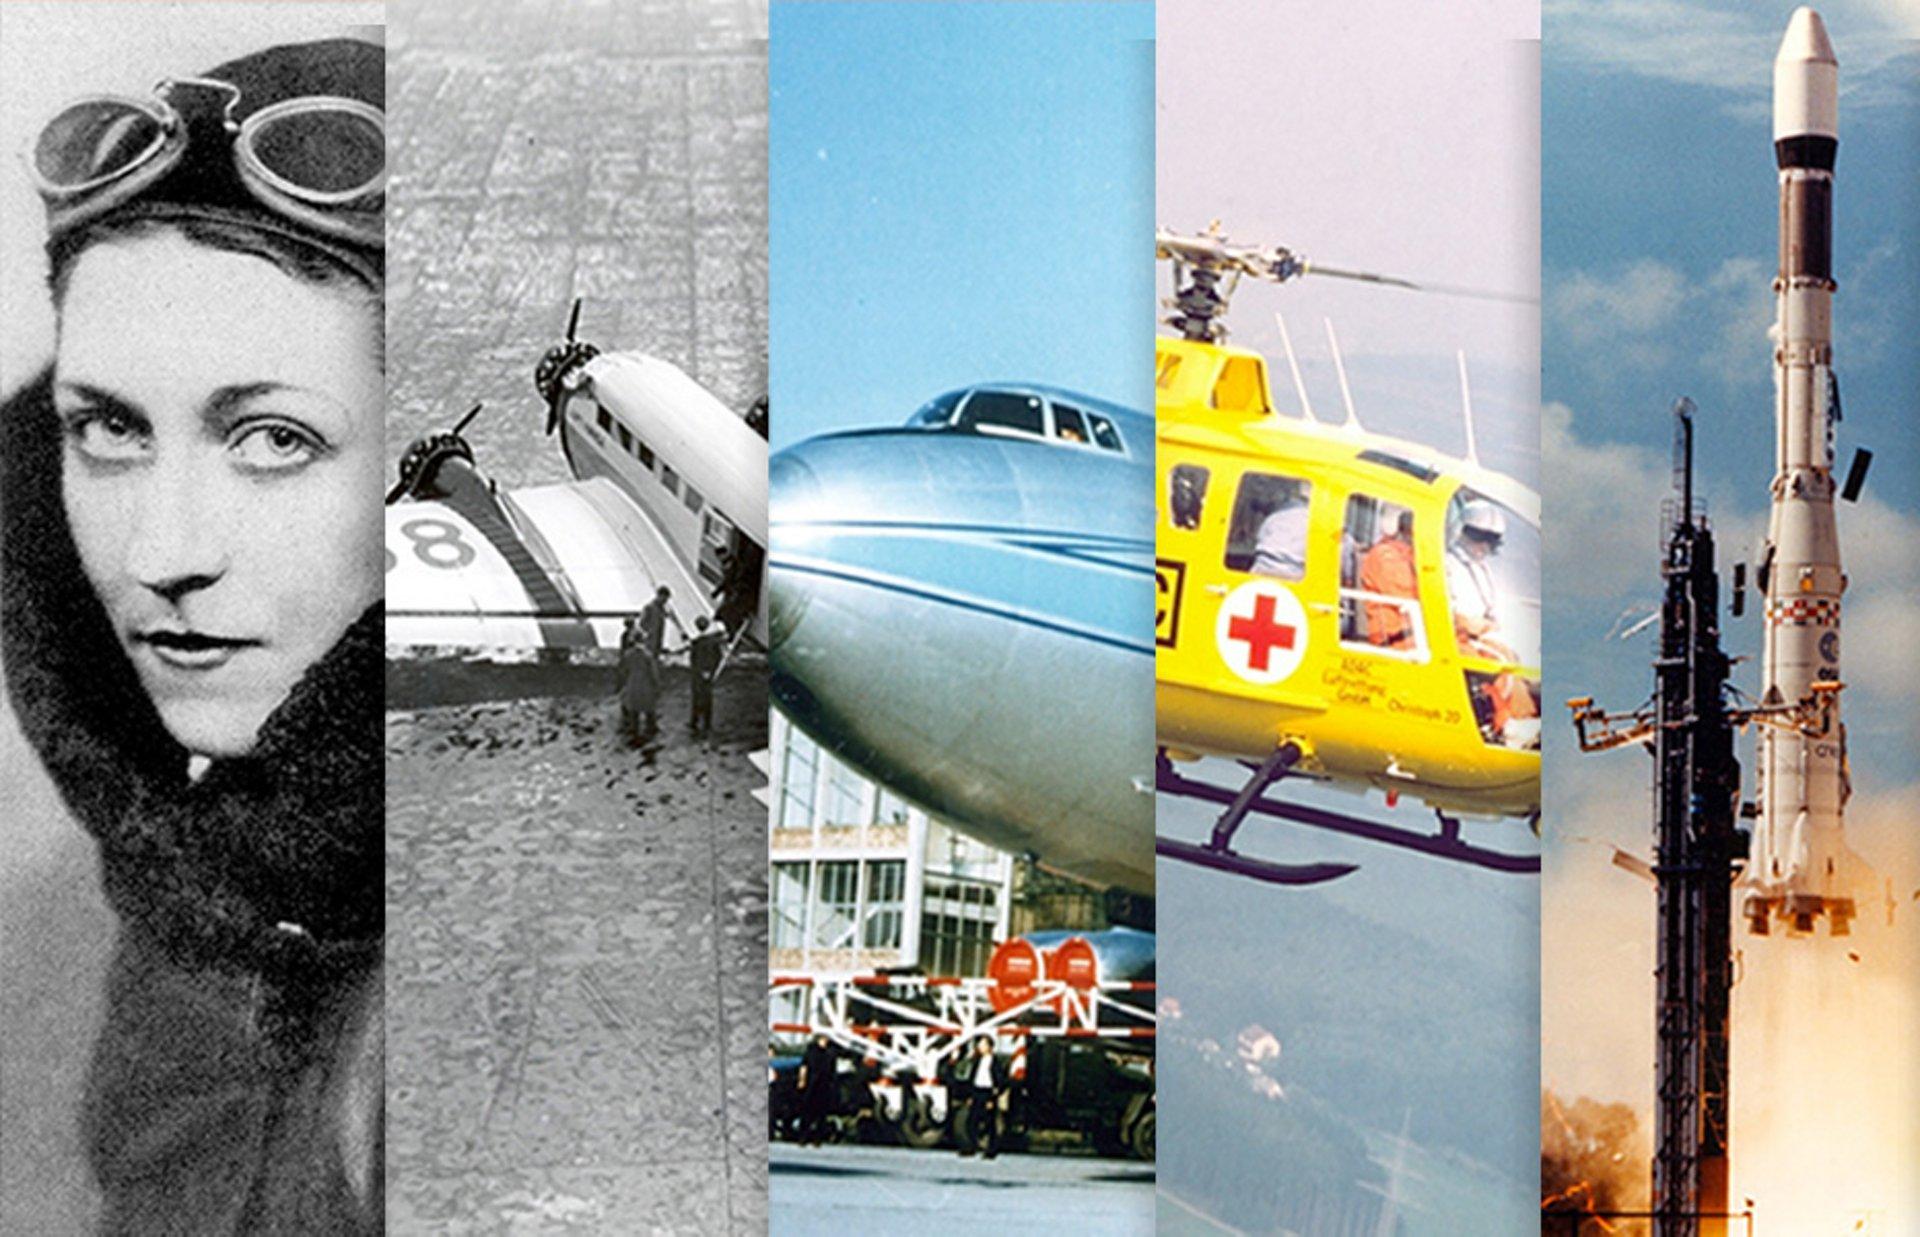 Airbus Heritage